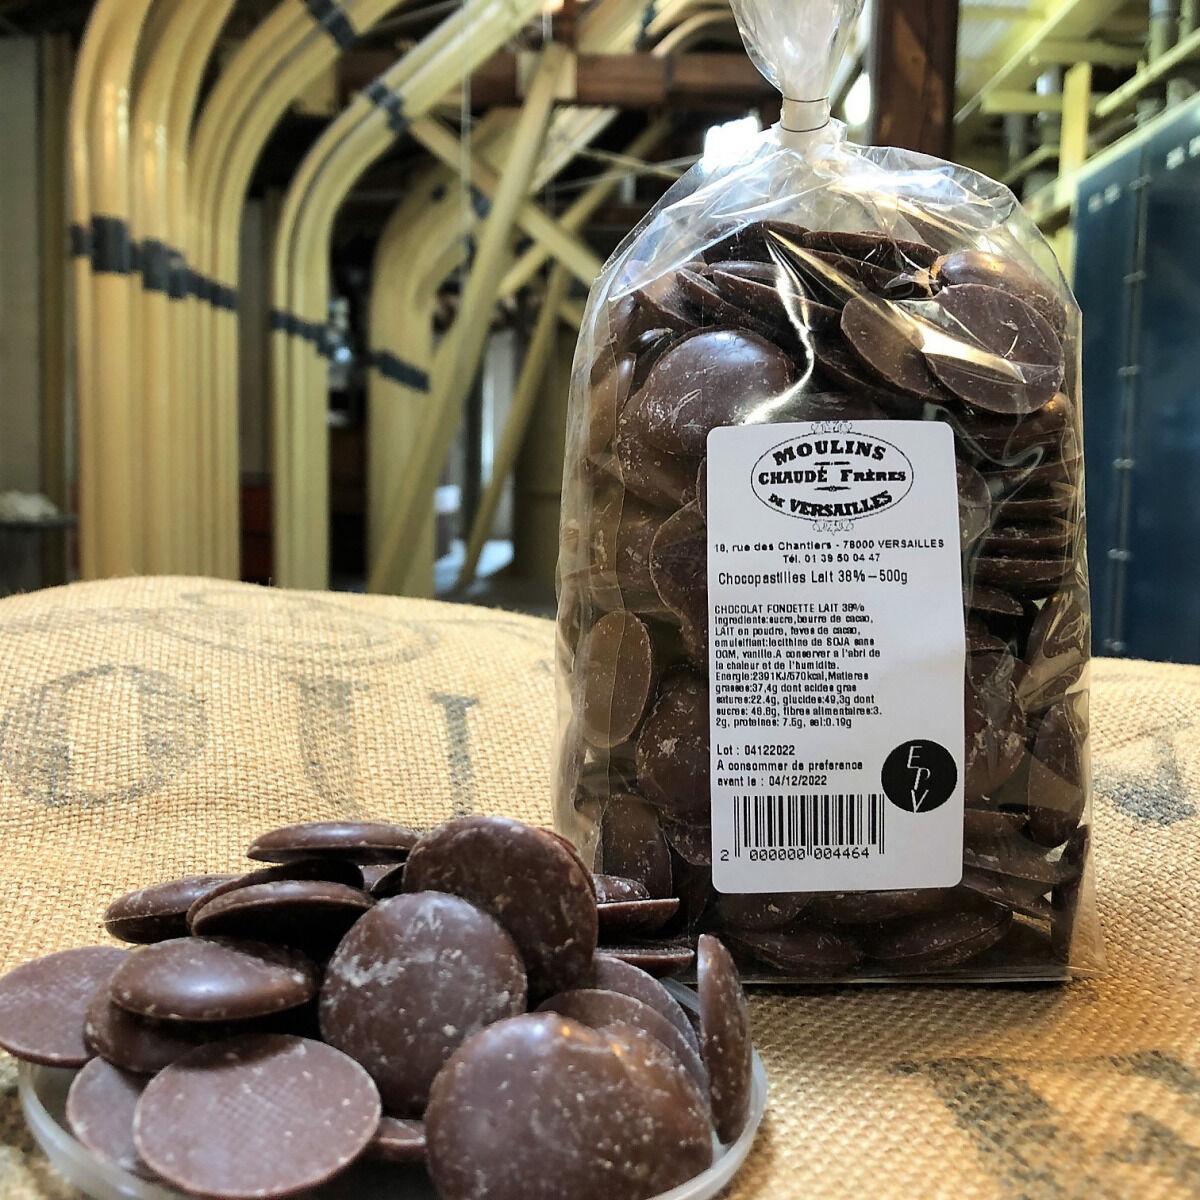 Moulins de Versailles Chocopastilles Chocolat Au Lait 38% - 500g